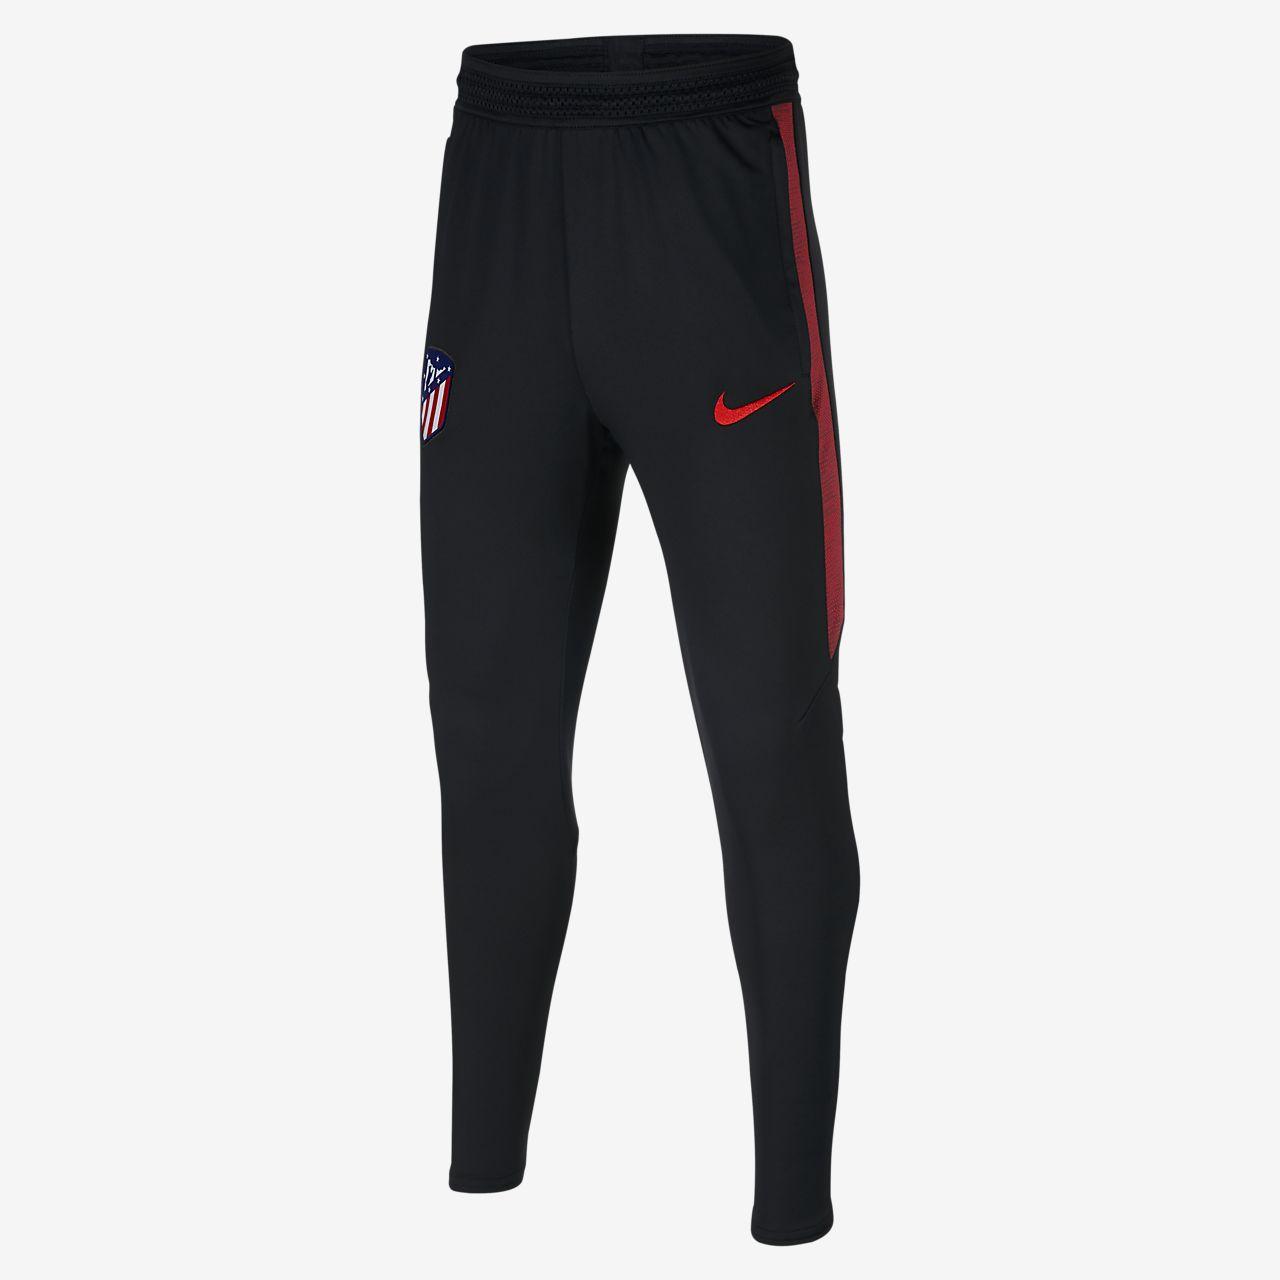 Pantalon Nike Fit Atlético Pour Enfant Âgé Strike Plus Madrid Dri Football De xCQrtsdh